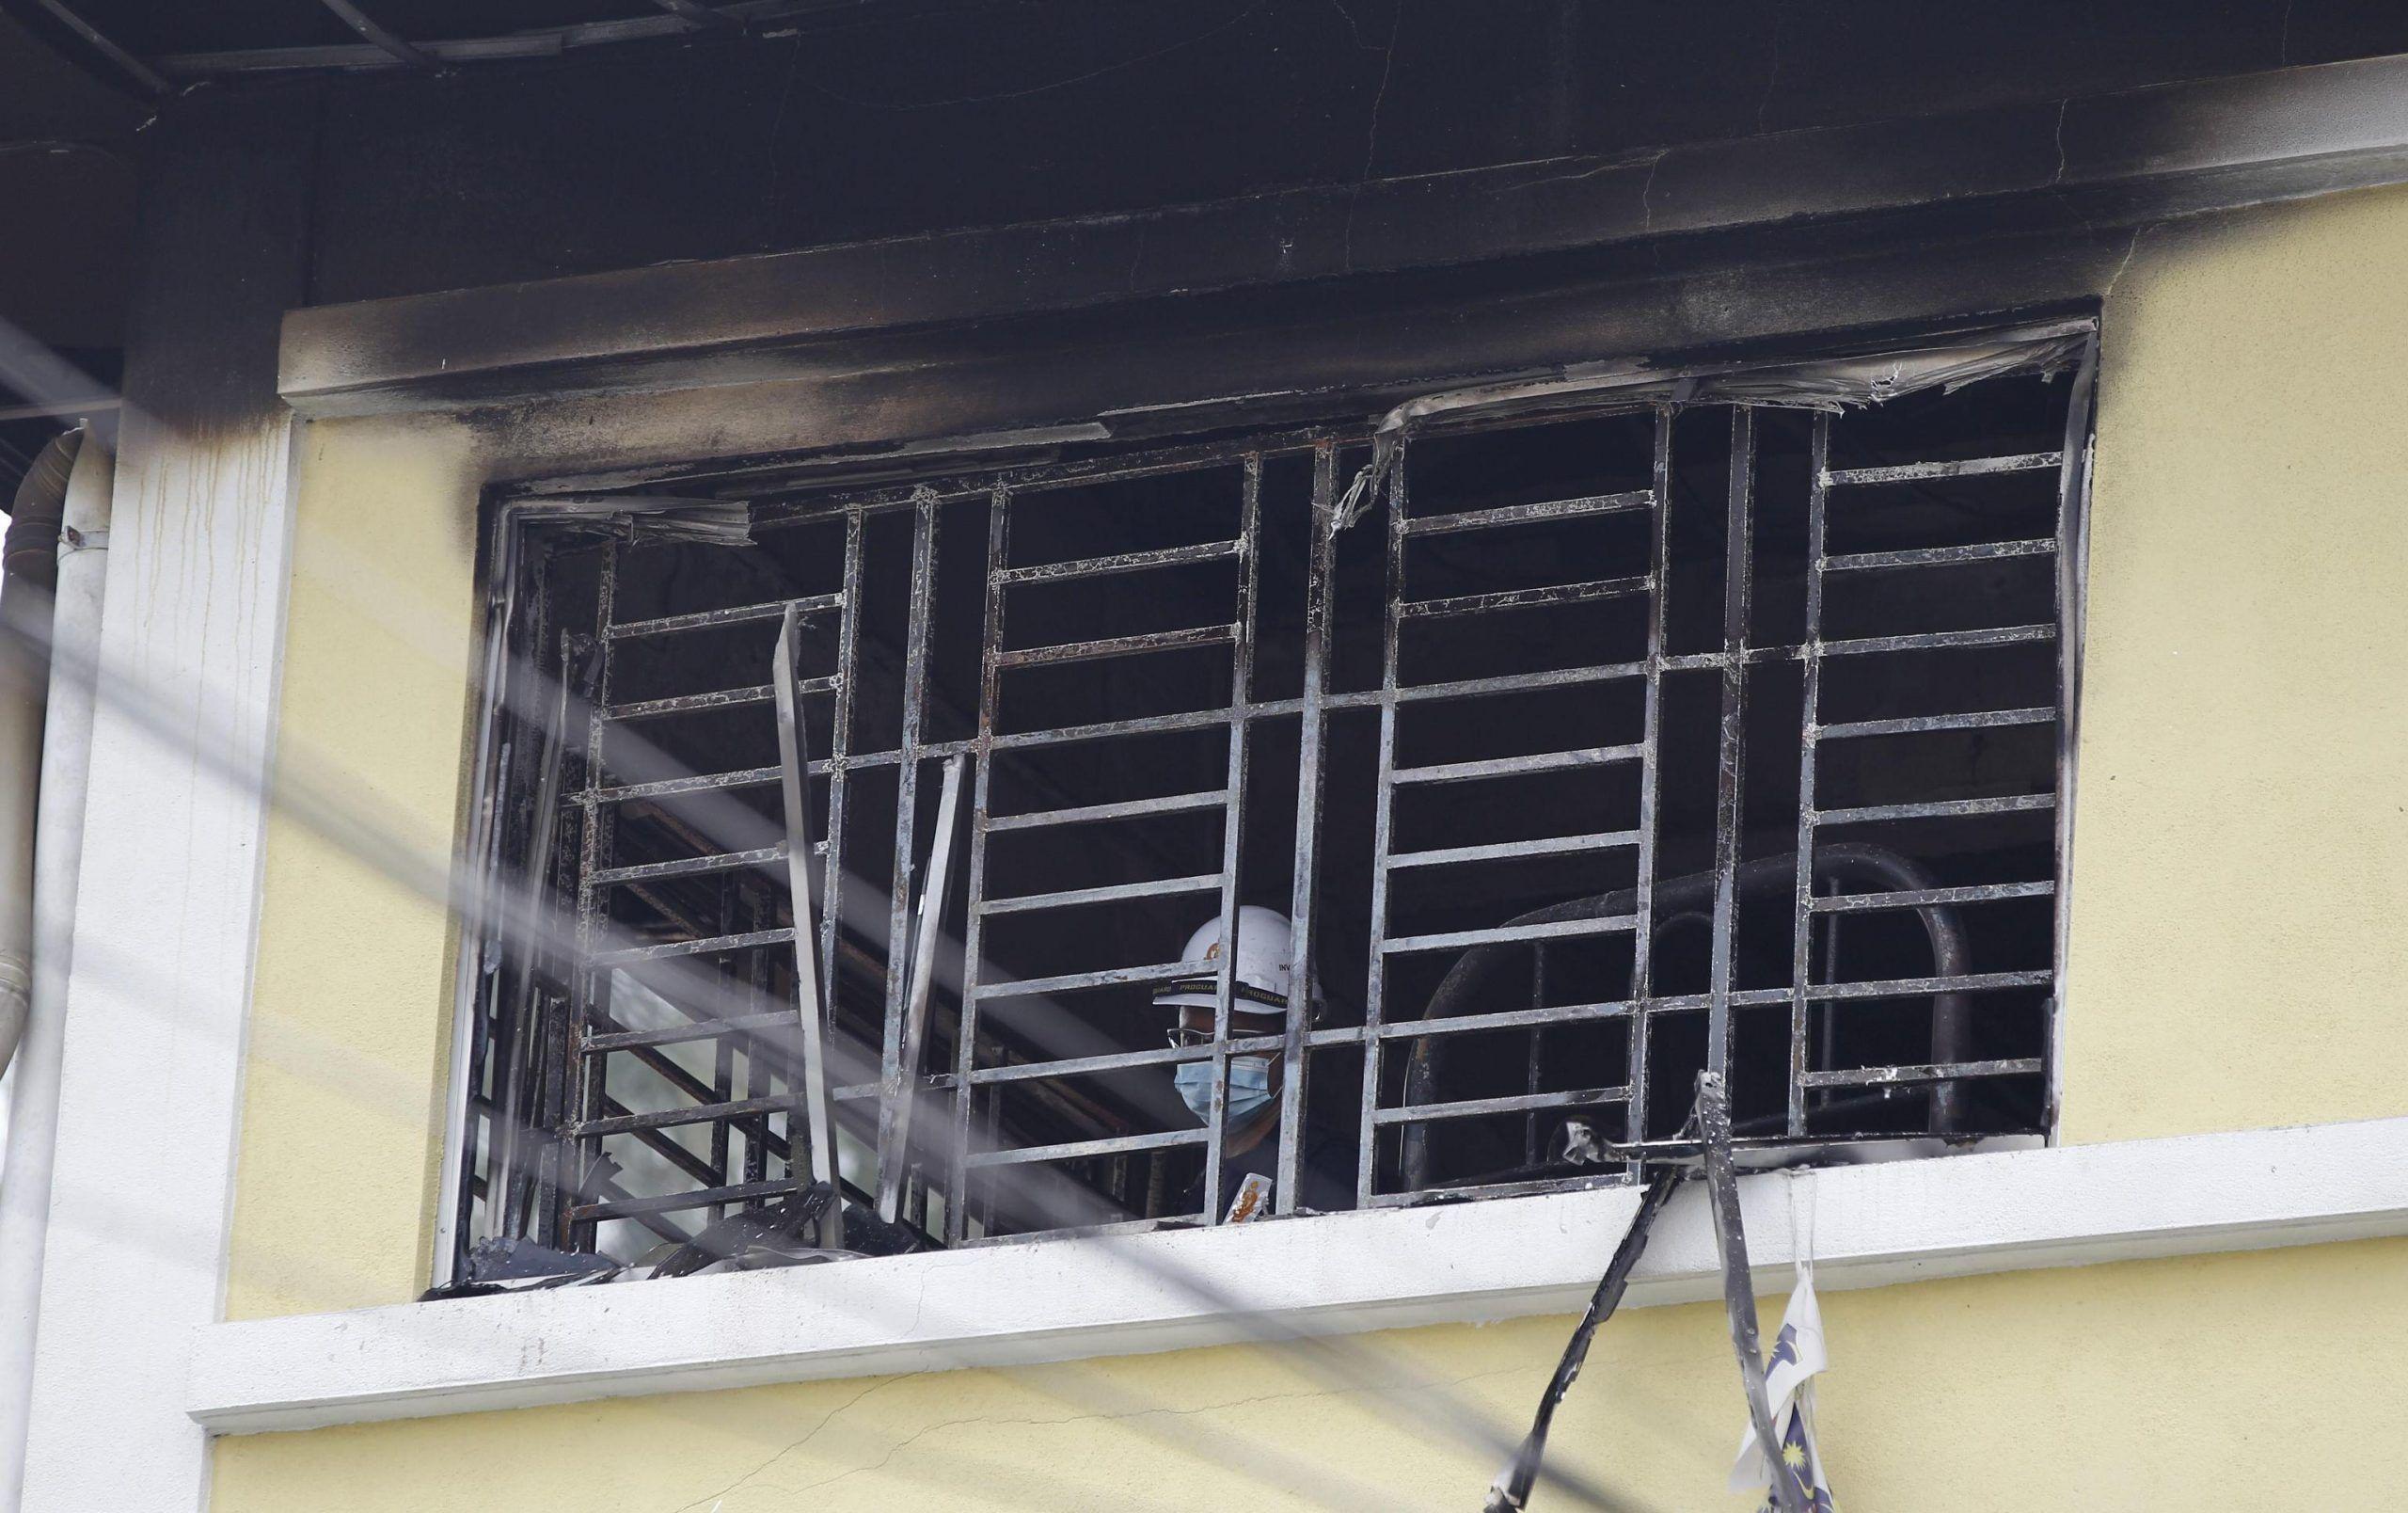 Malaysia: almeno 25 morti in incendio scuola islamica